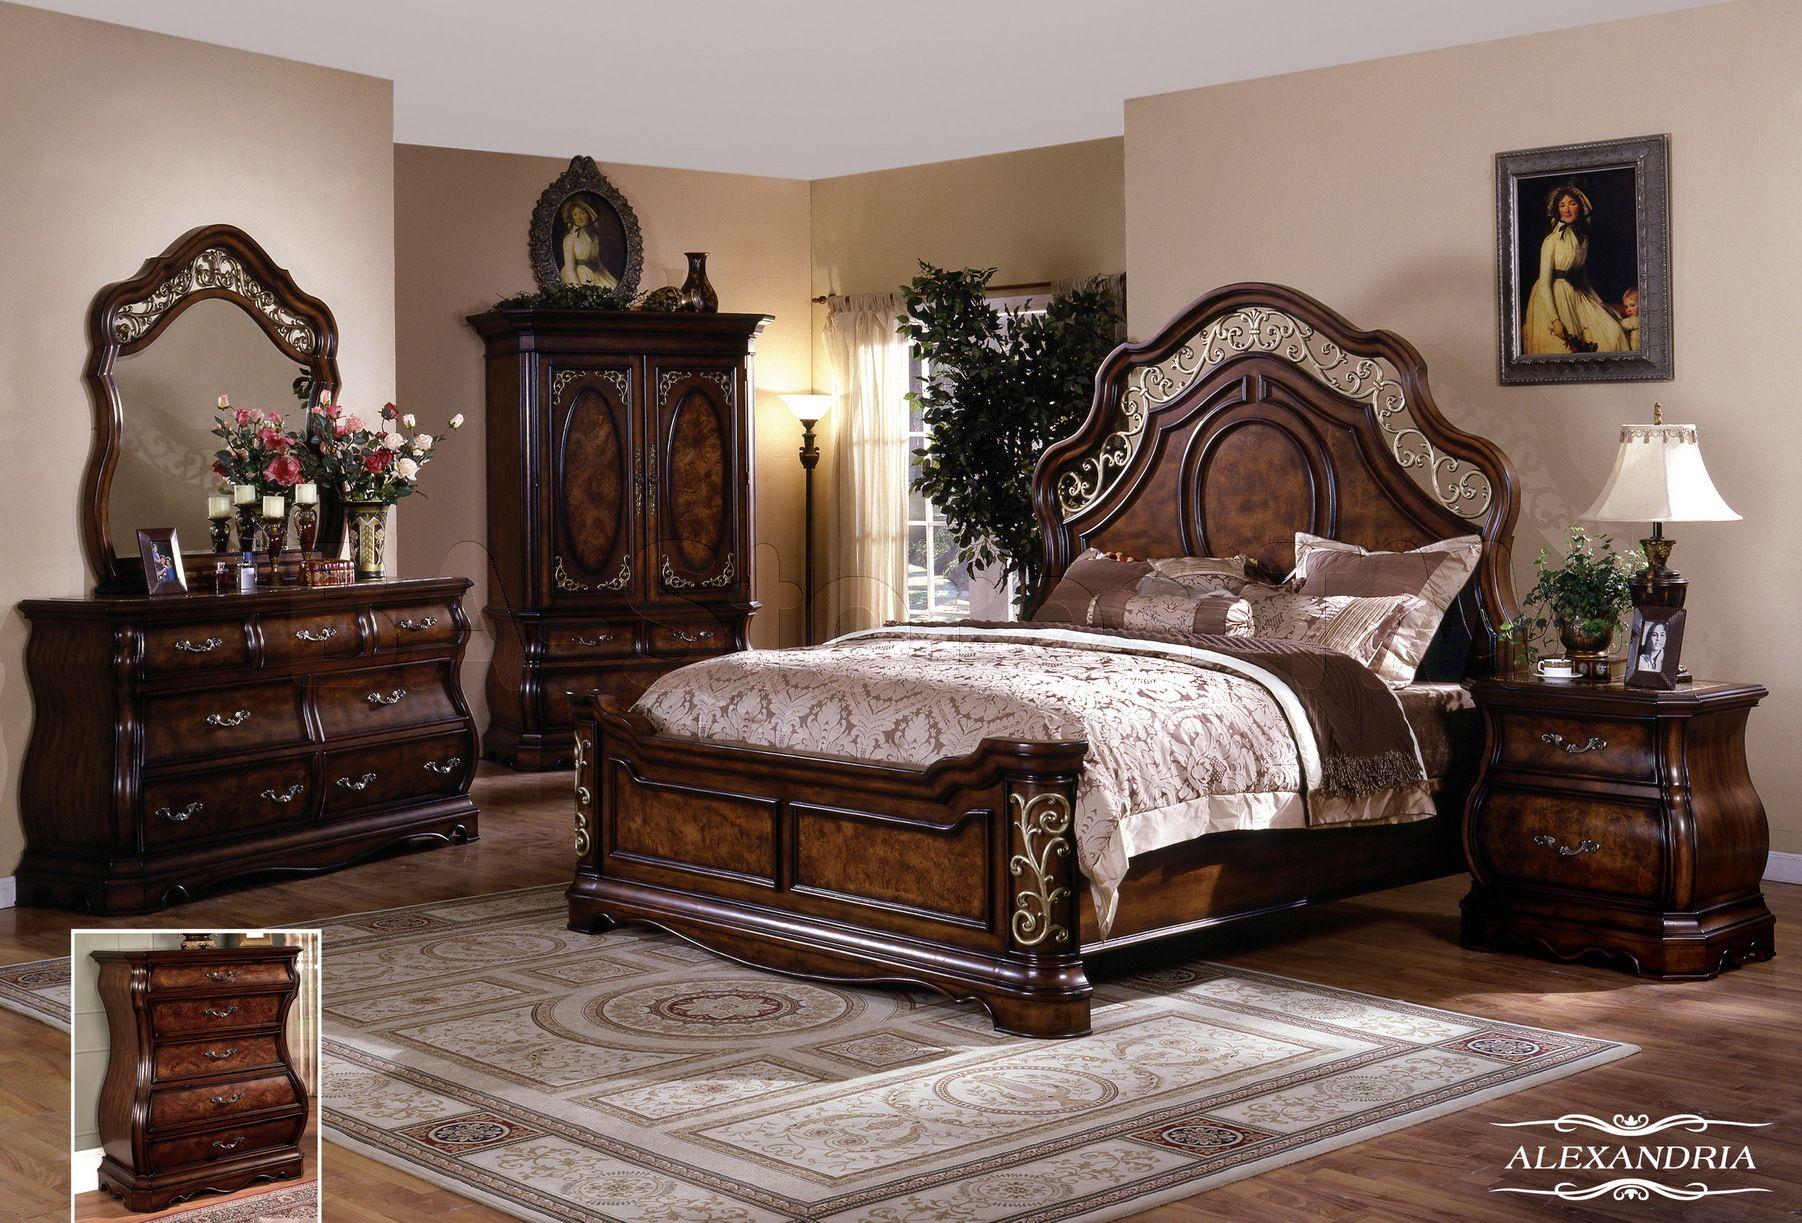 Alexandria 5 PC Bedroom Set (Queen Bed, Dresser, Mirror